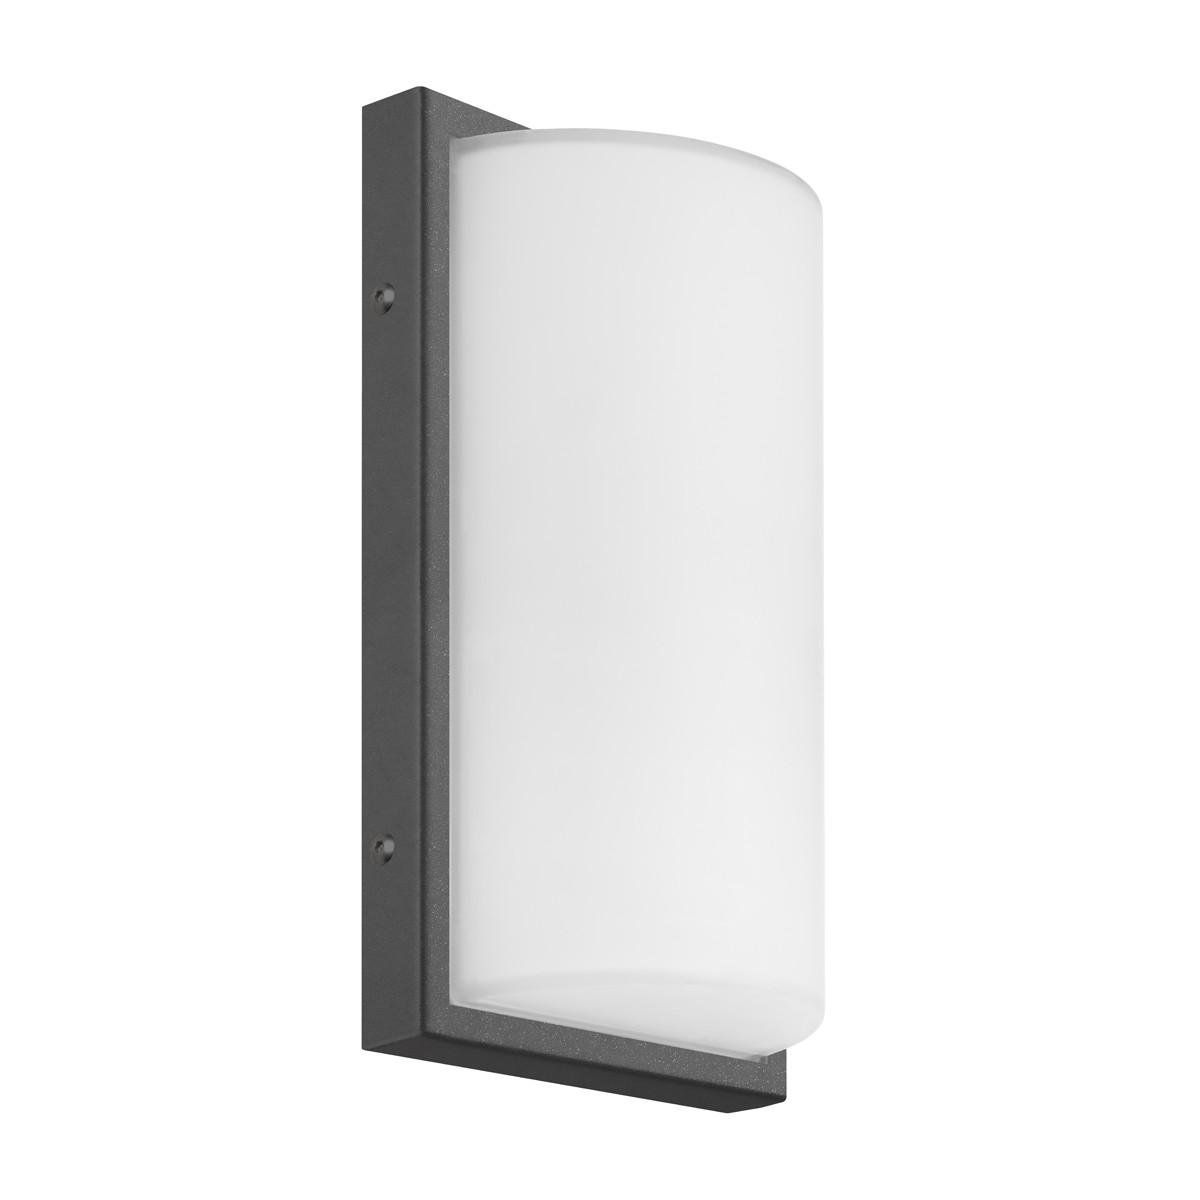 LCD Außenleuchten 039 LED Wandleuchte, graphit, ohne Bewegungsmelder